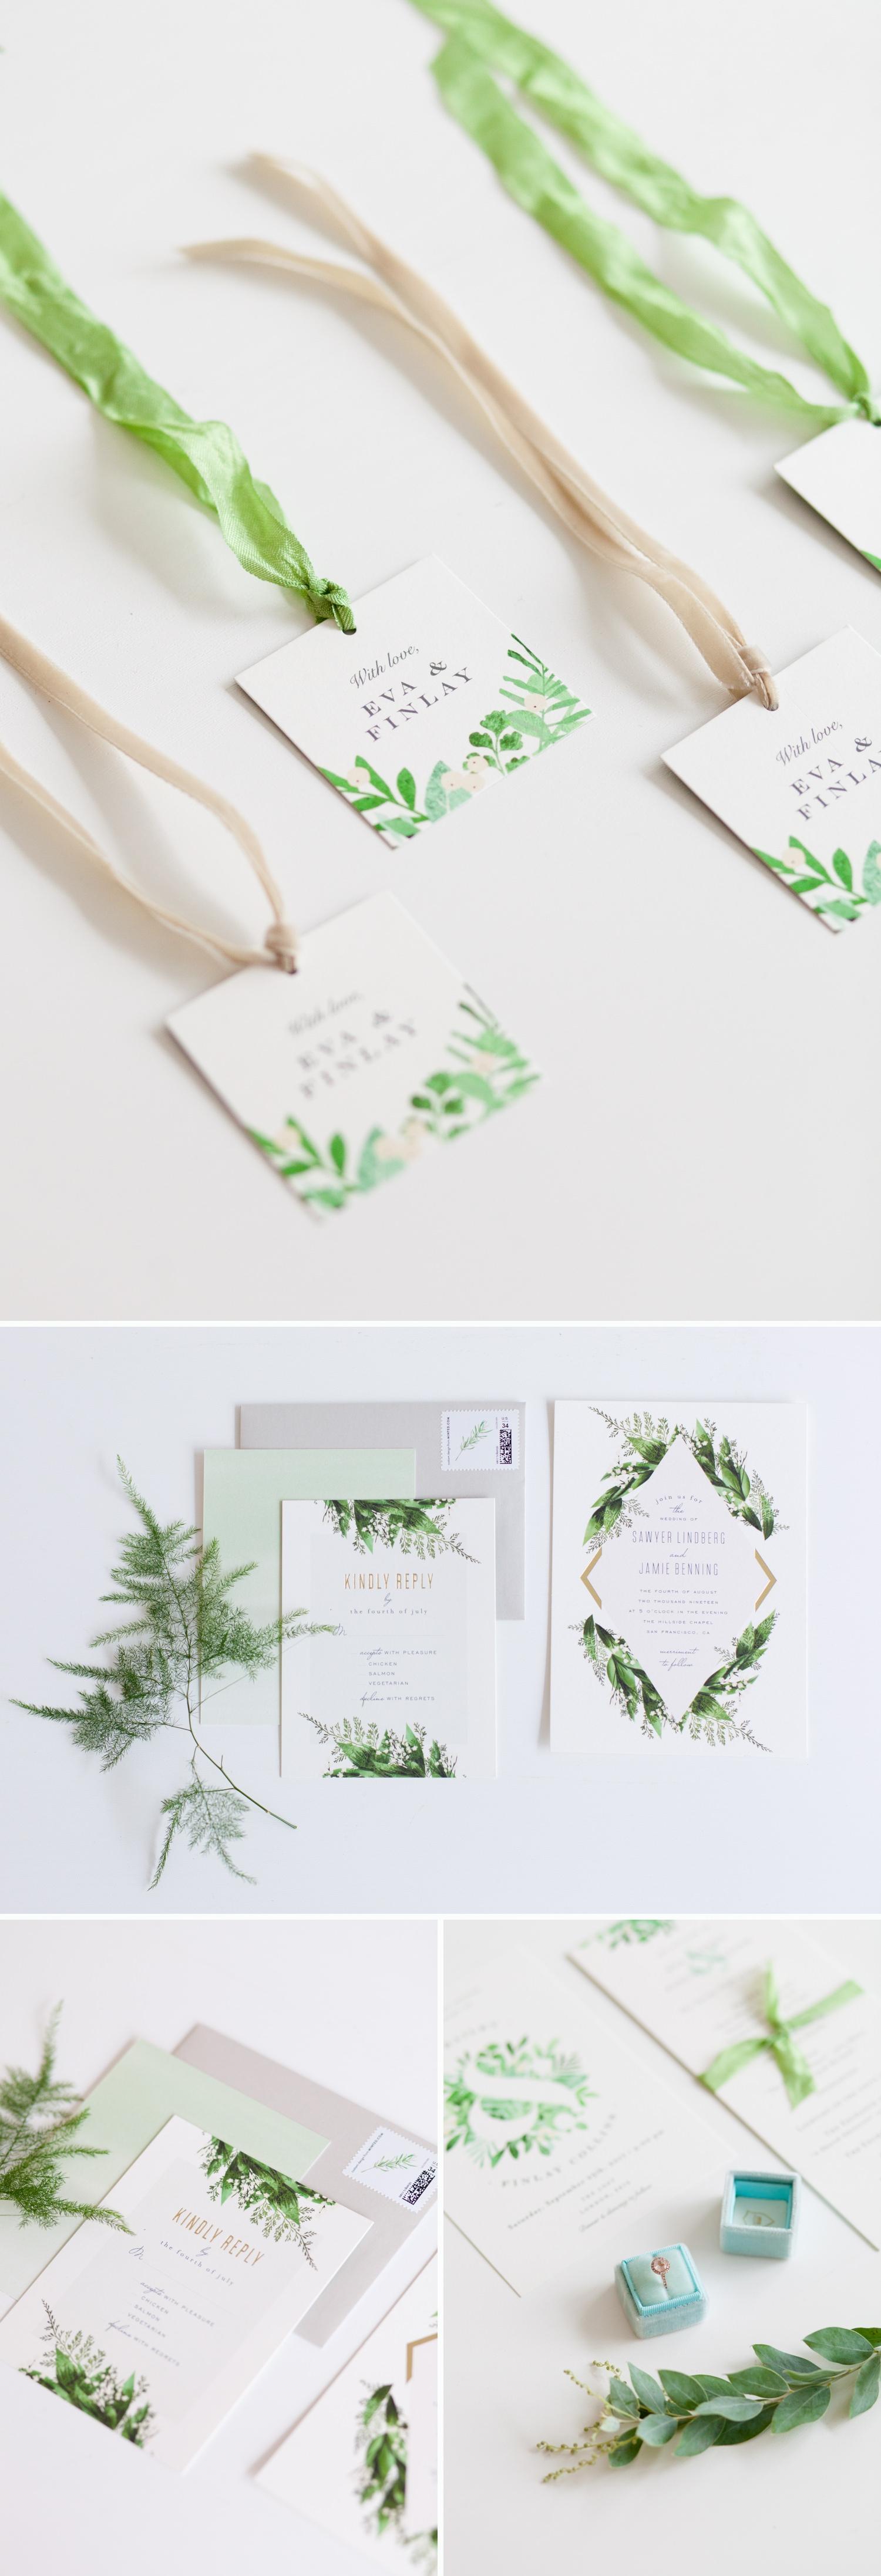 Industrial Chic Botanical Wedding 5 - botanical wedding stationery